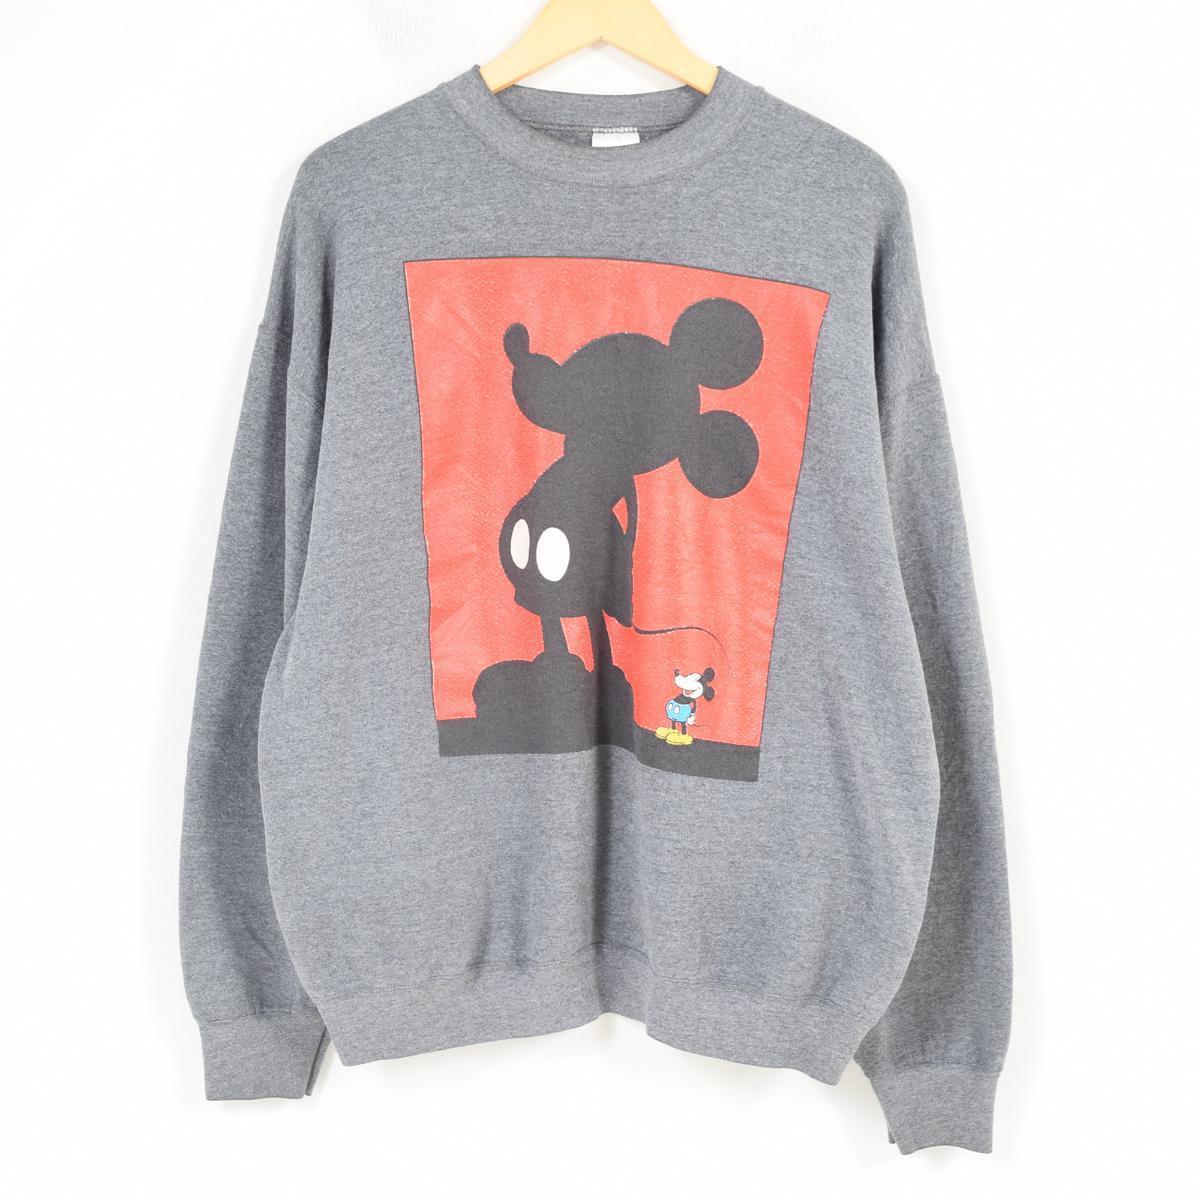 MICKEY&CO. MICKEY MOUSE ミッキーマウス キャラクタースウェットシャツ トレーナー USA製 レディースXL /waq4500 【中古】 【180408】